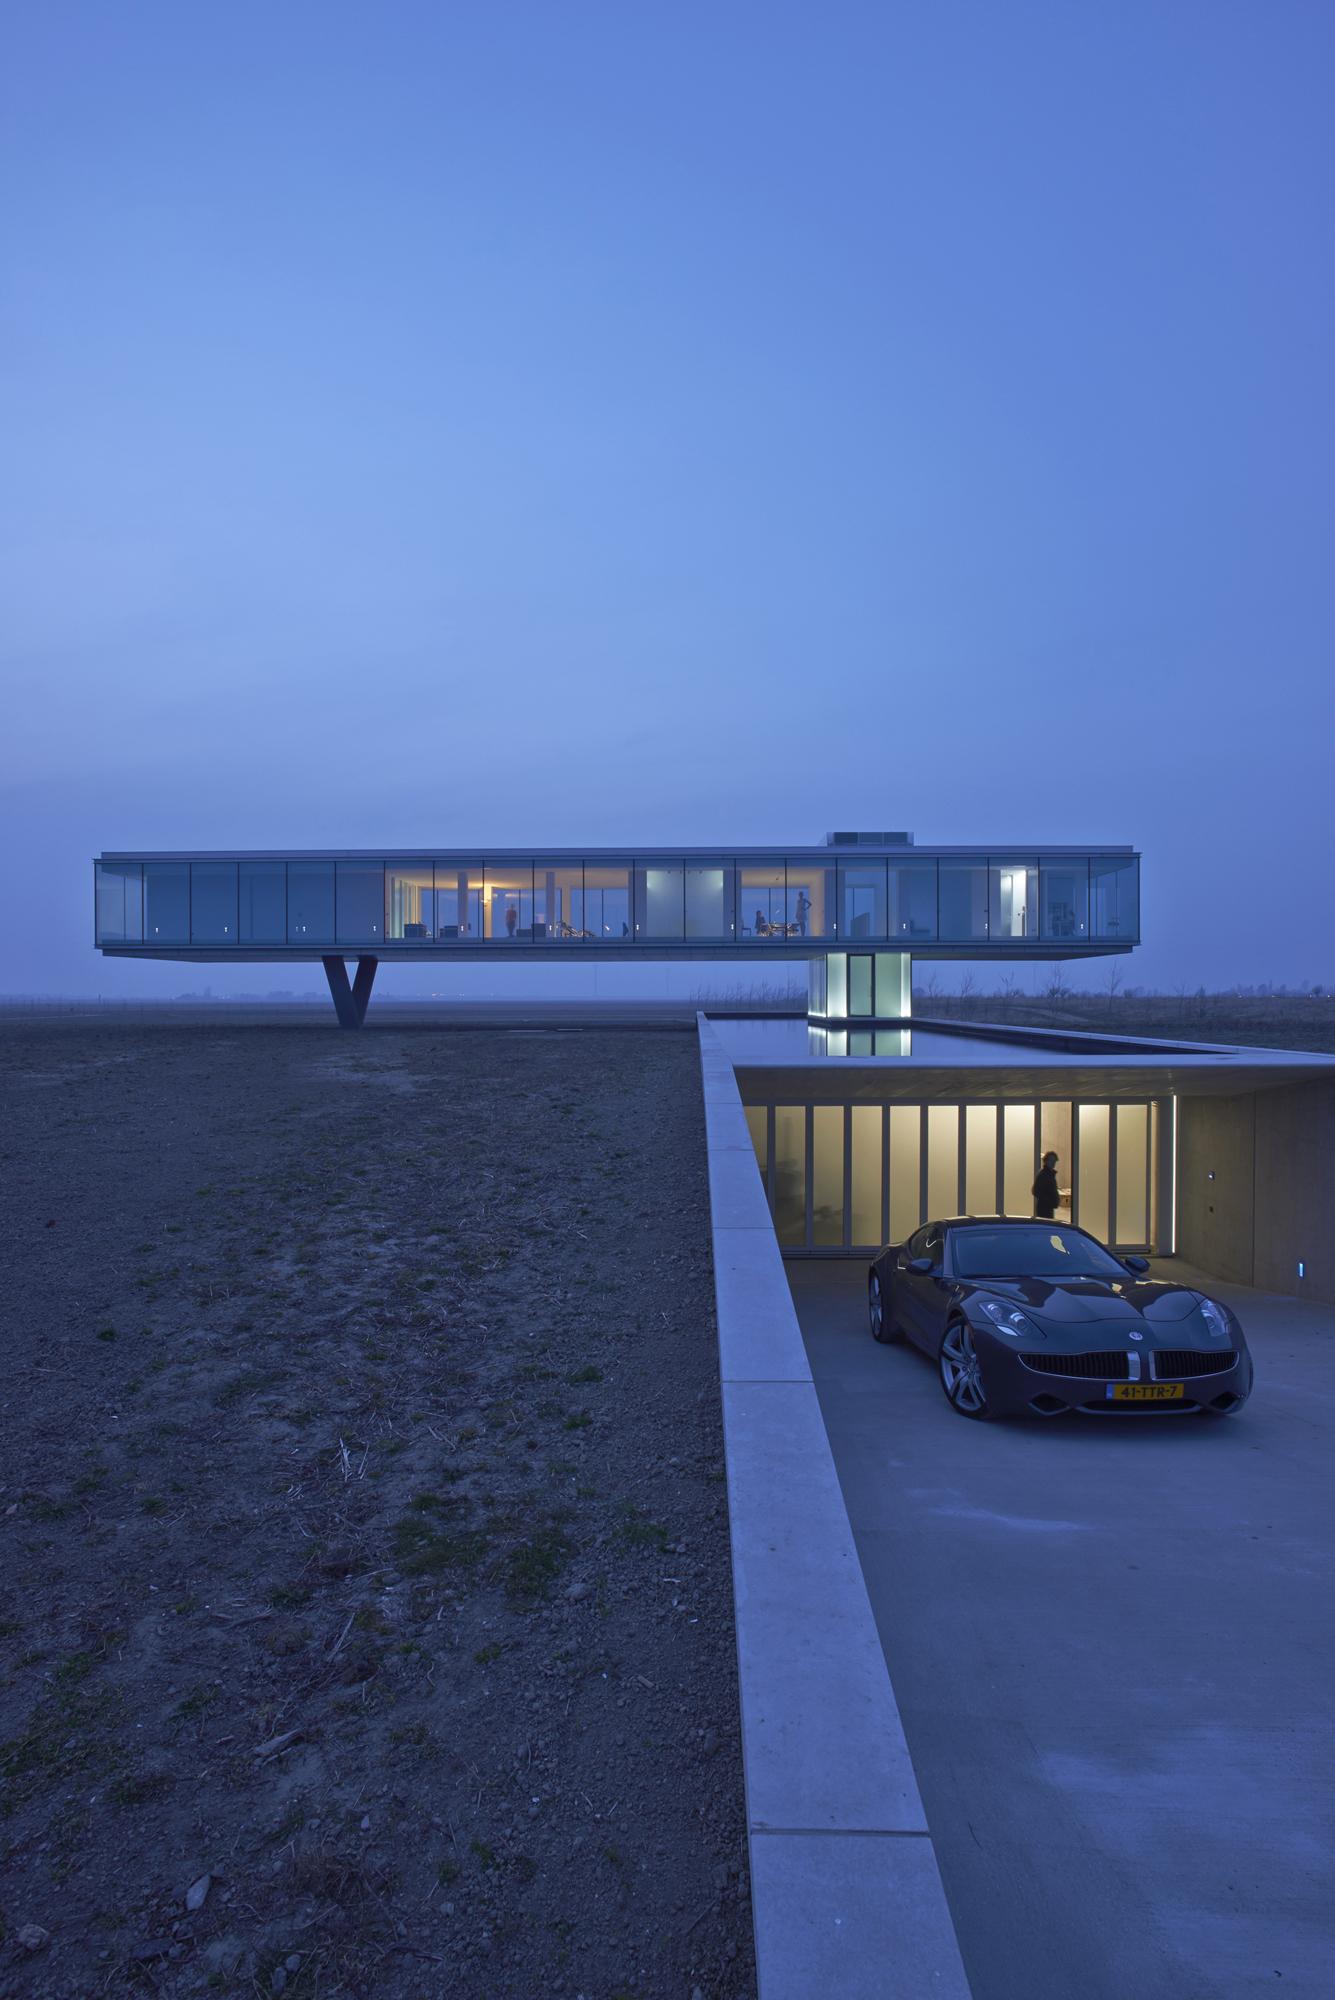 52a11585e8e44e00d8000038_villa-kogelhof-paul-de-ruiter-architects_villa_kogelhof_11_paul_de_ruiter_architects_-_jeroen_musch.jpg